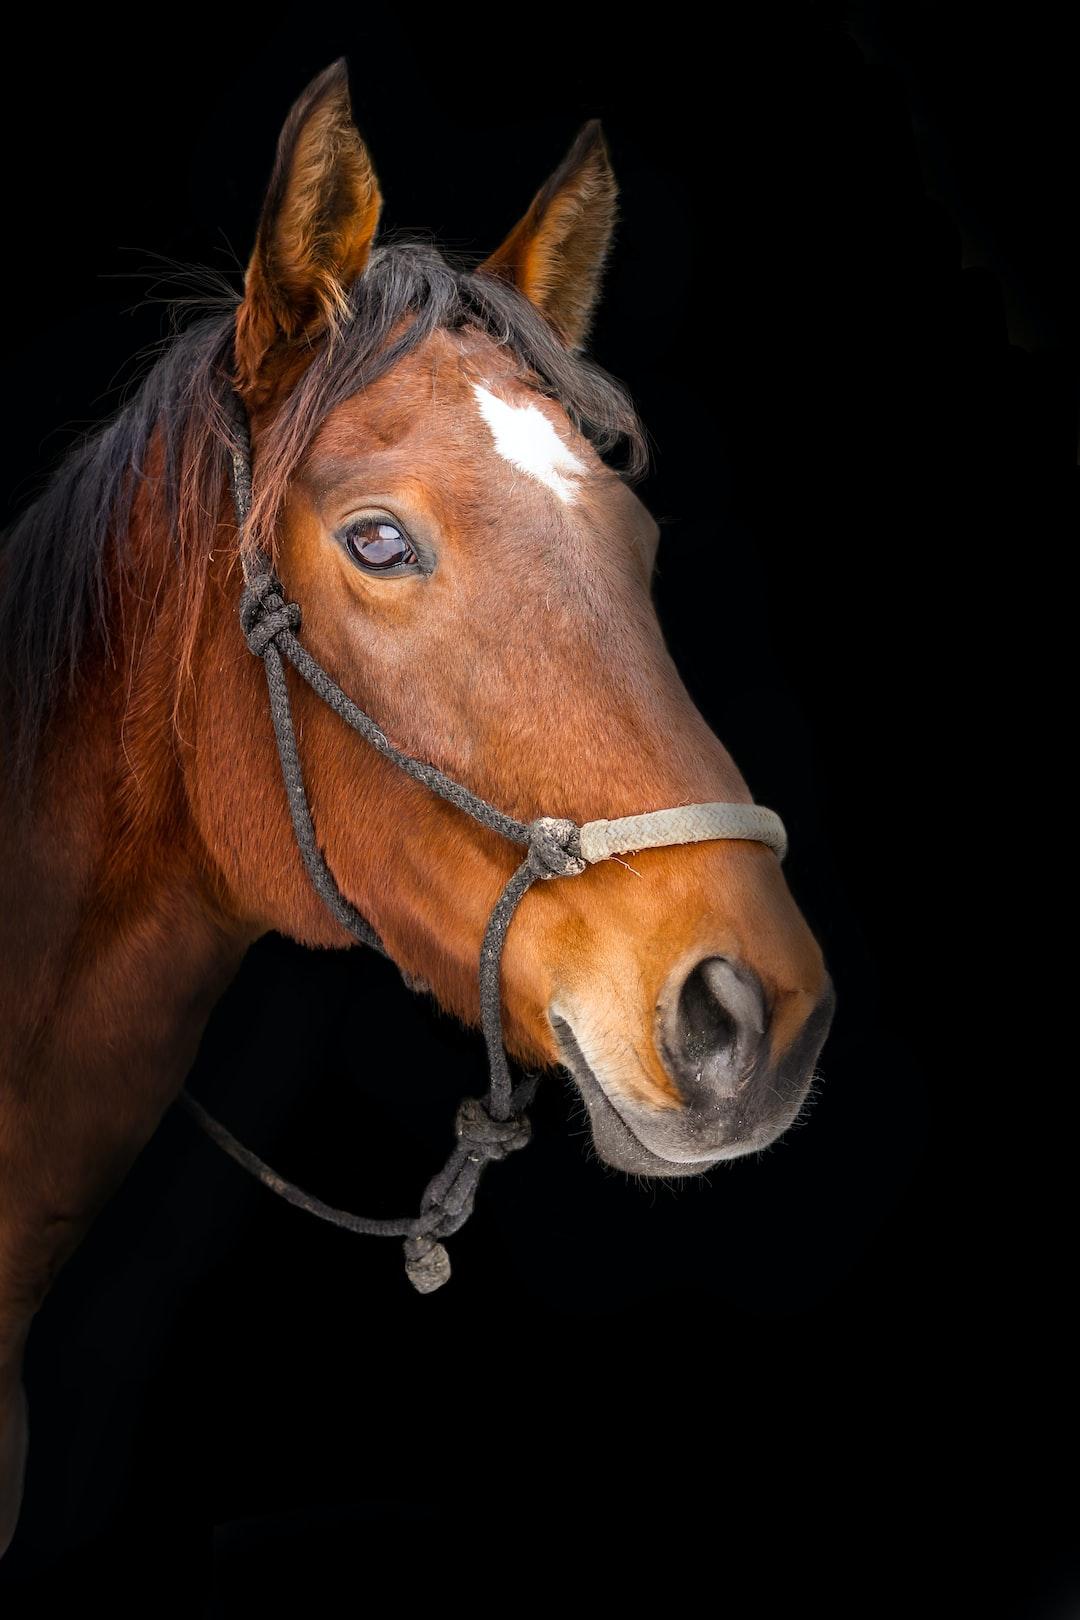 Isolated Horse on black background